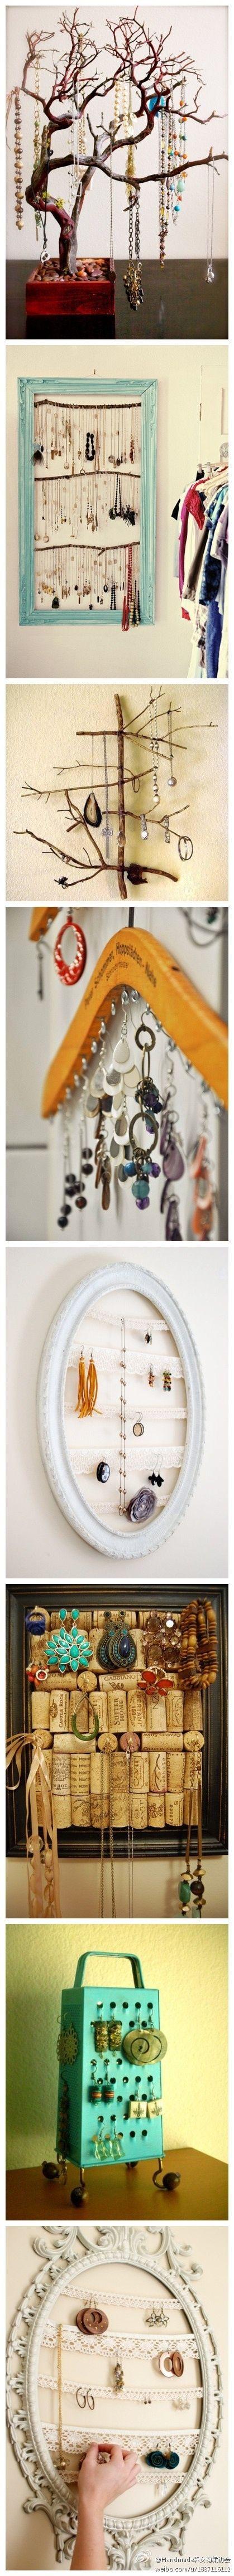 Ideas para organizar tus prendas de bisutería. te traemos unas maneras simples de organizar tus prendas de bisutería. http://wp.me/p1ytFq-yG